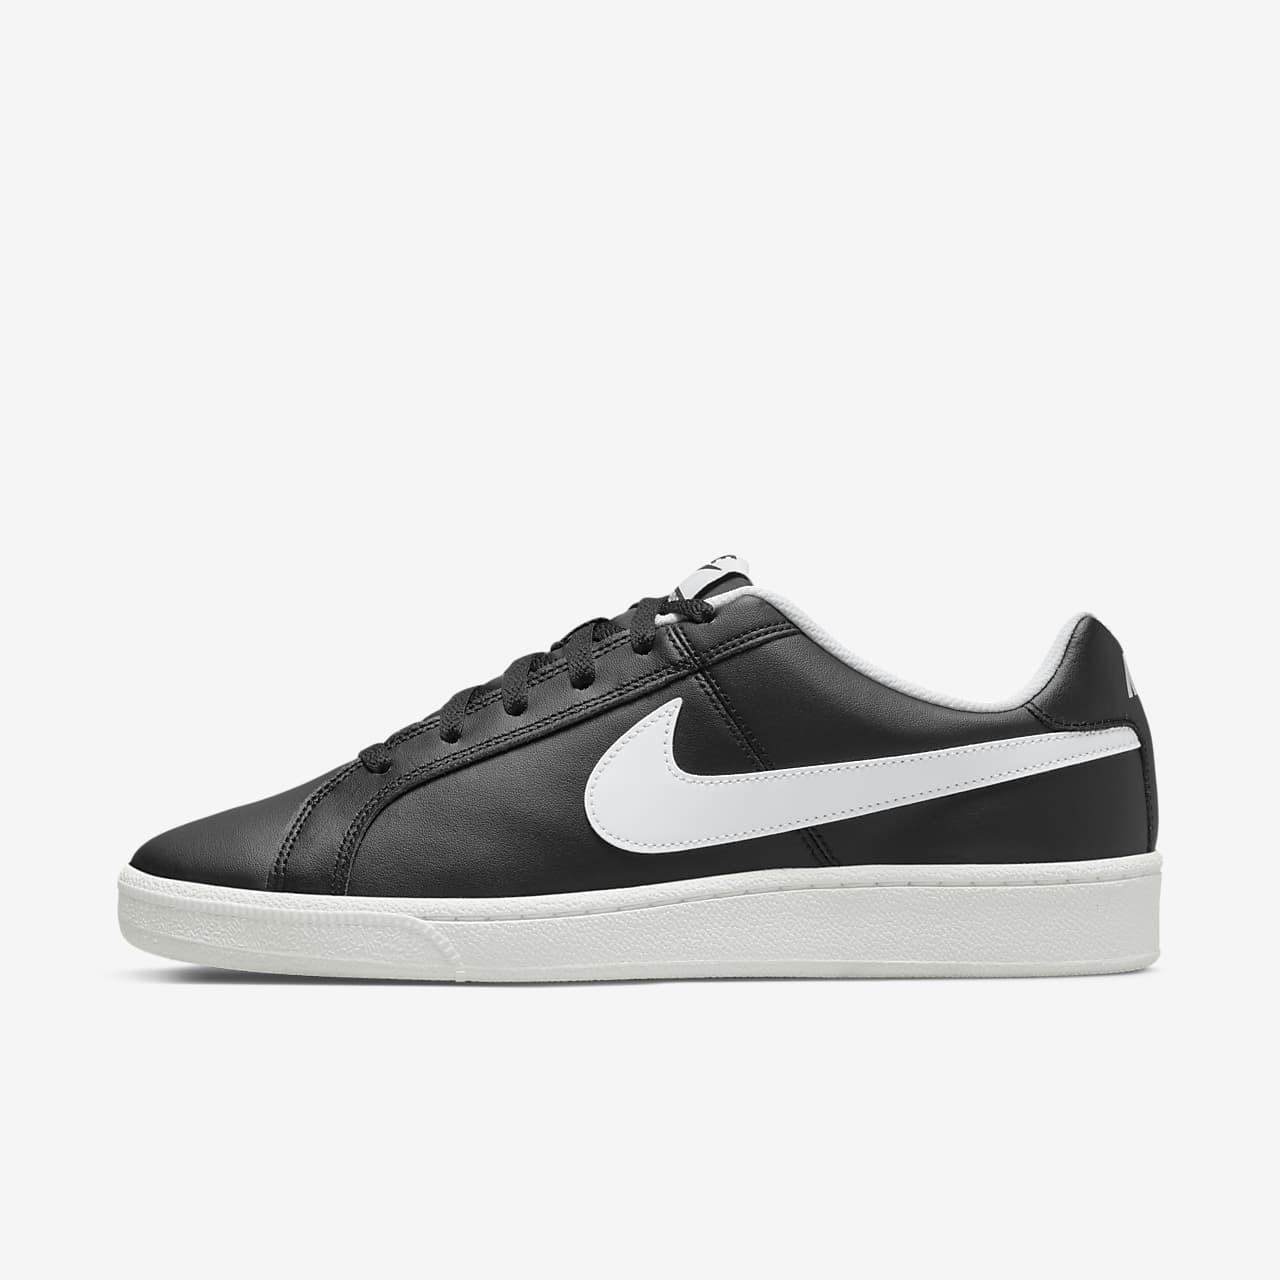 a3d73d0307de NikeCourt Royale Men s Shoe. Nike.com ID